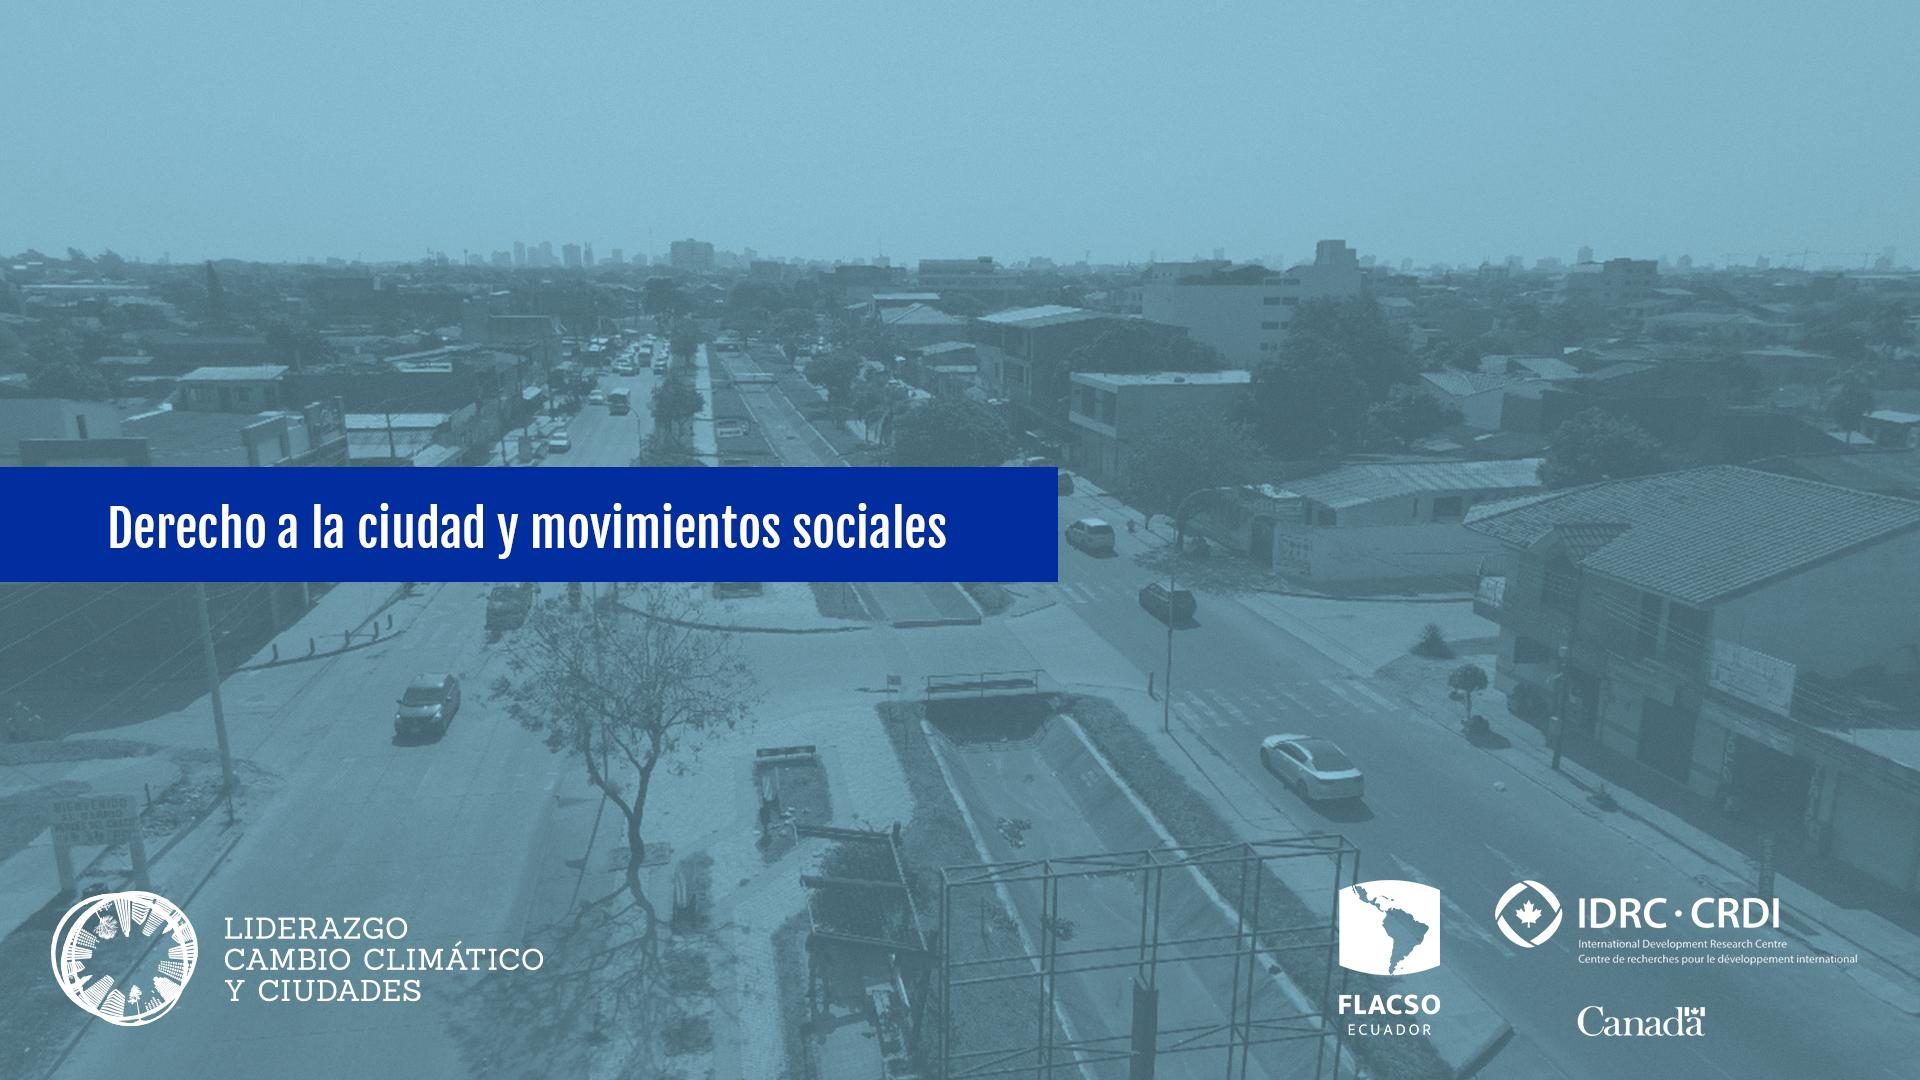 Derecho a la ciudad y movimientos sociales